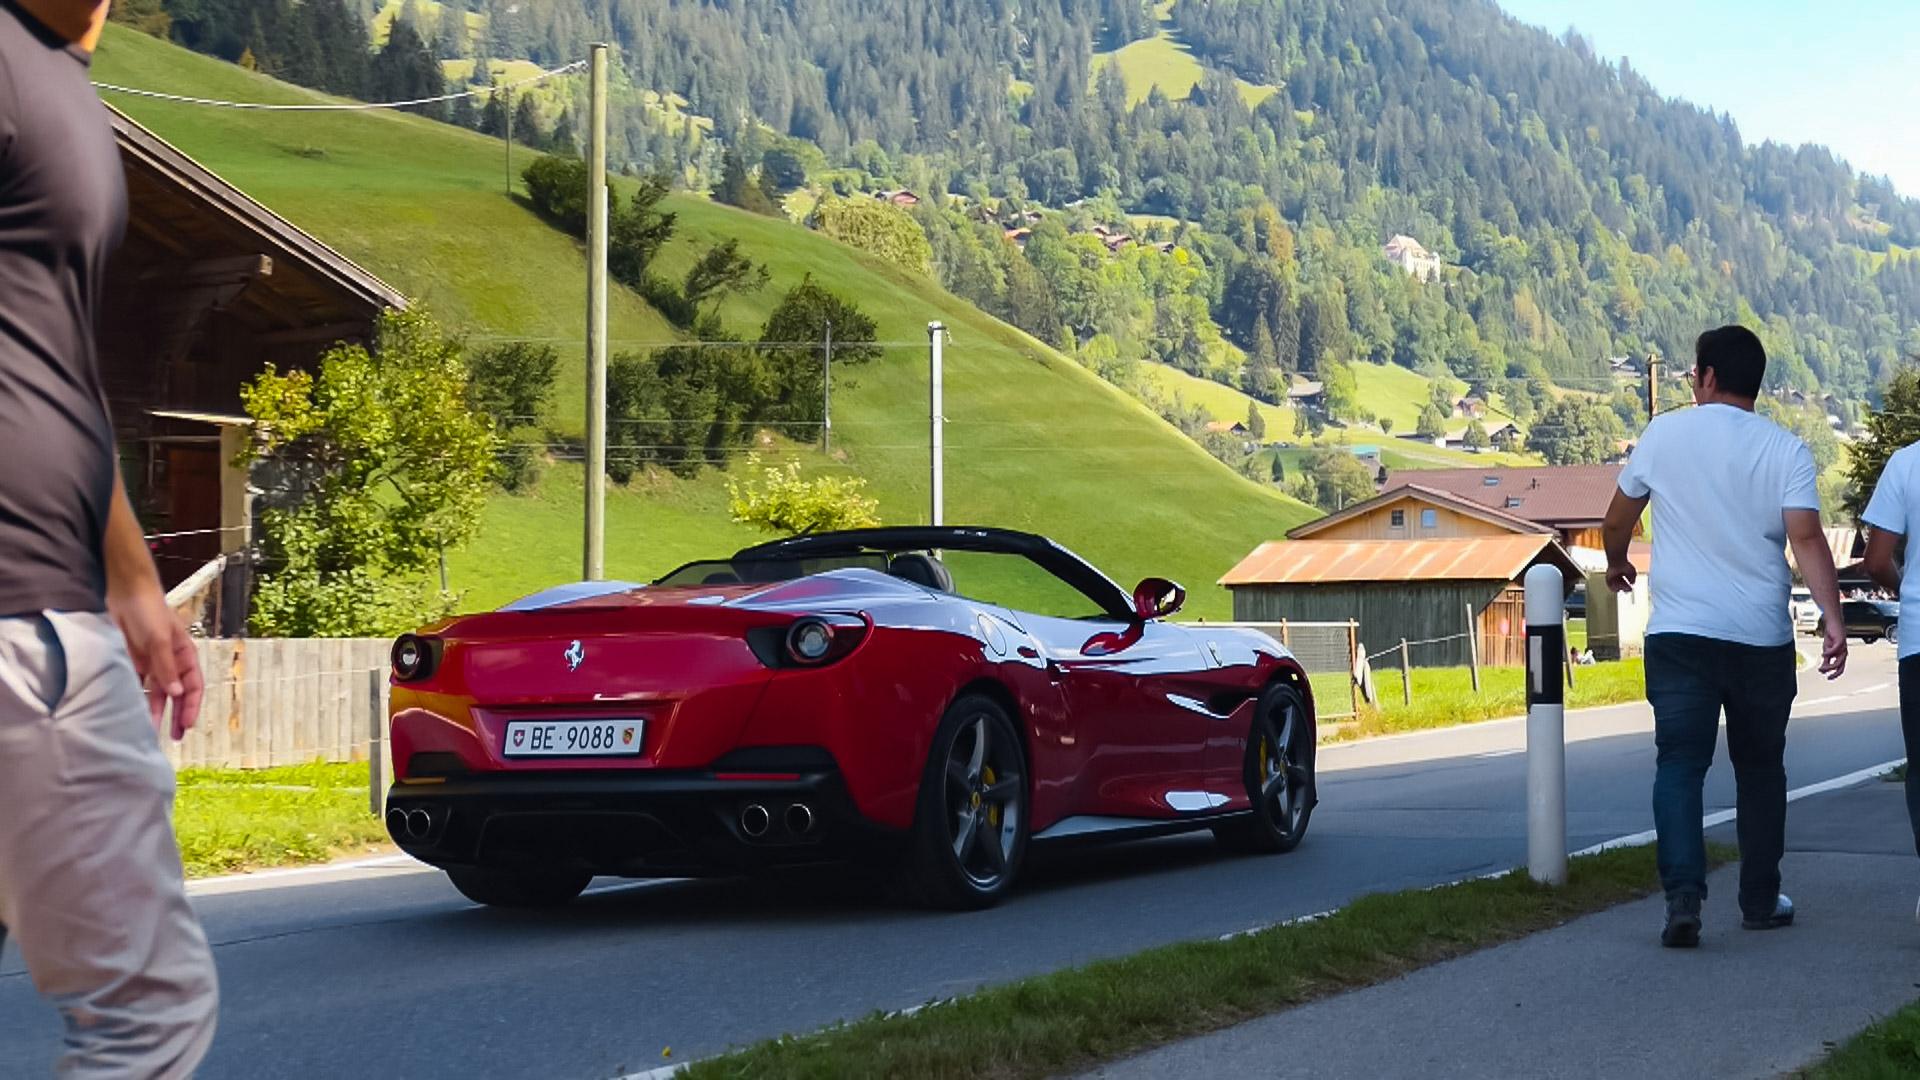 Ferrari Portofino - BE-9088 (CH)